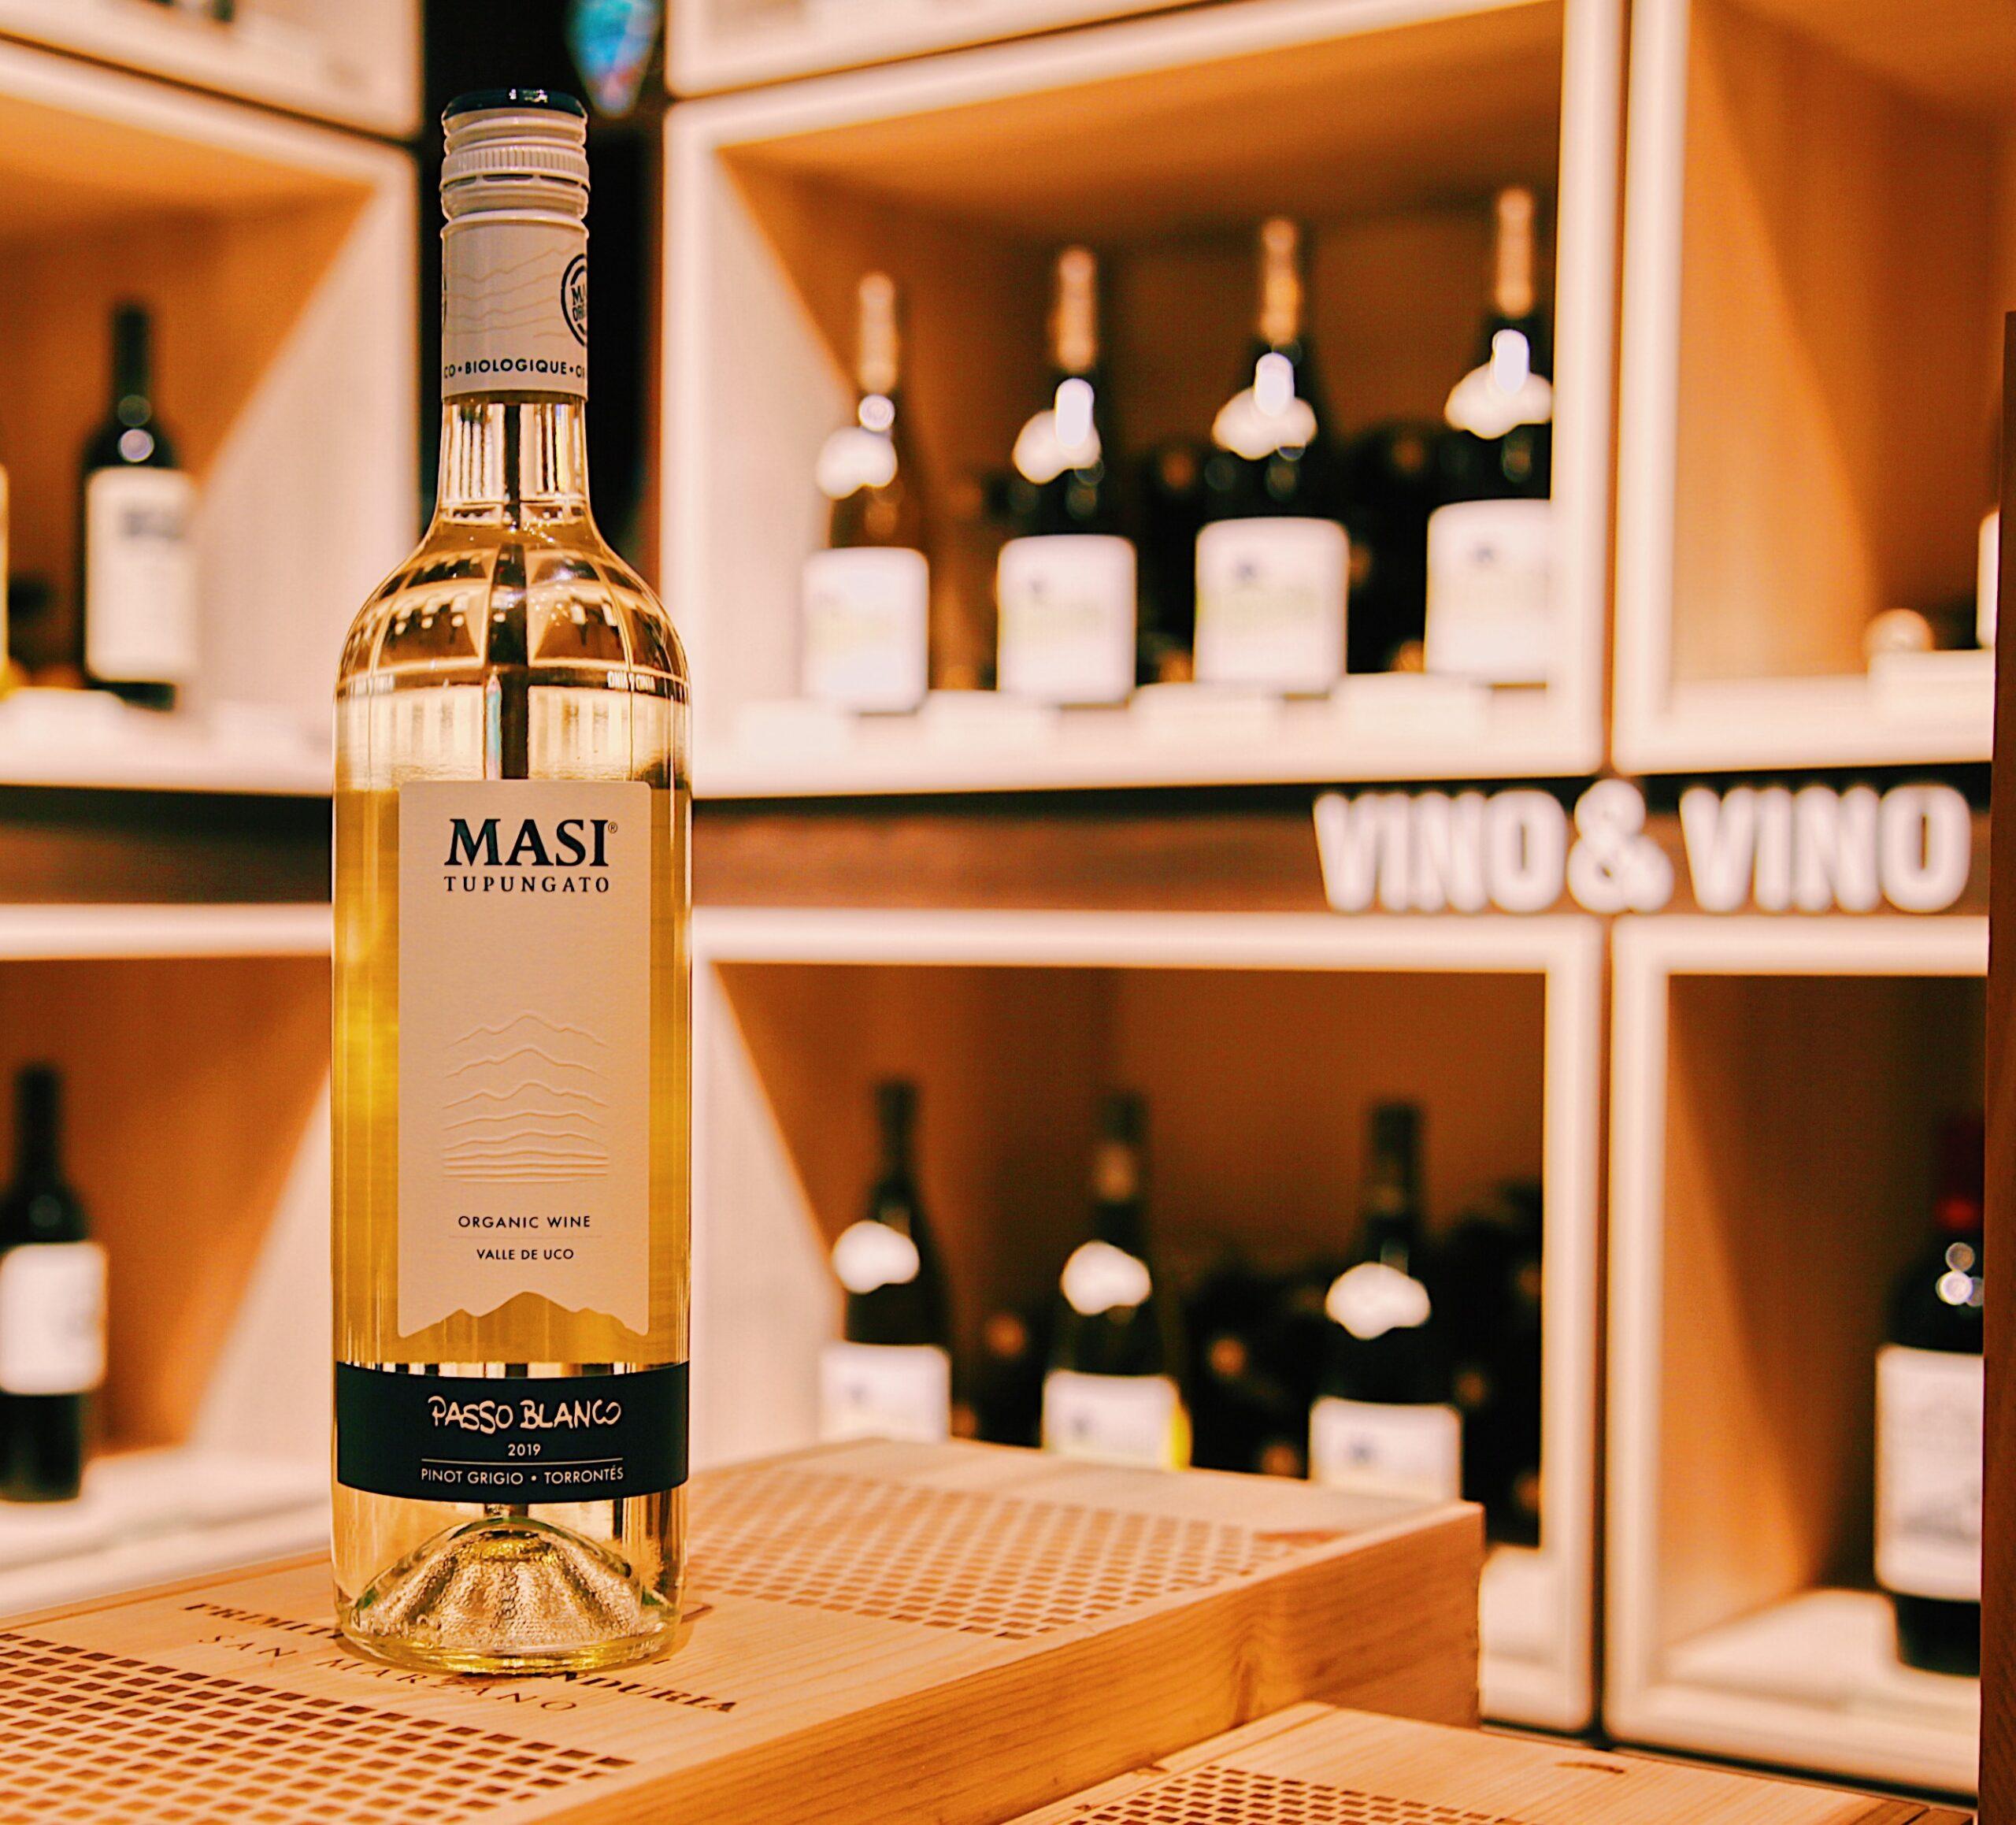 Masi – Pinot Grigio